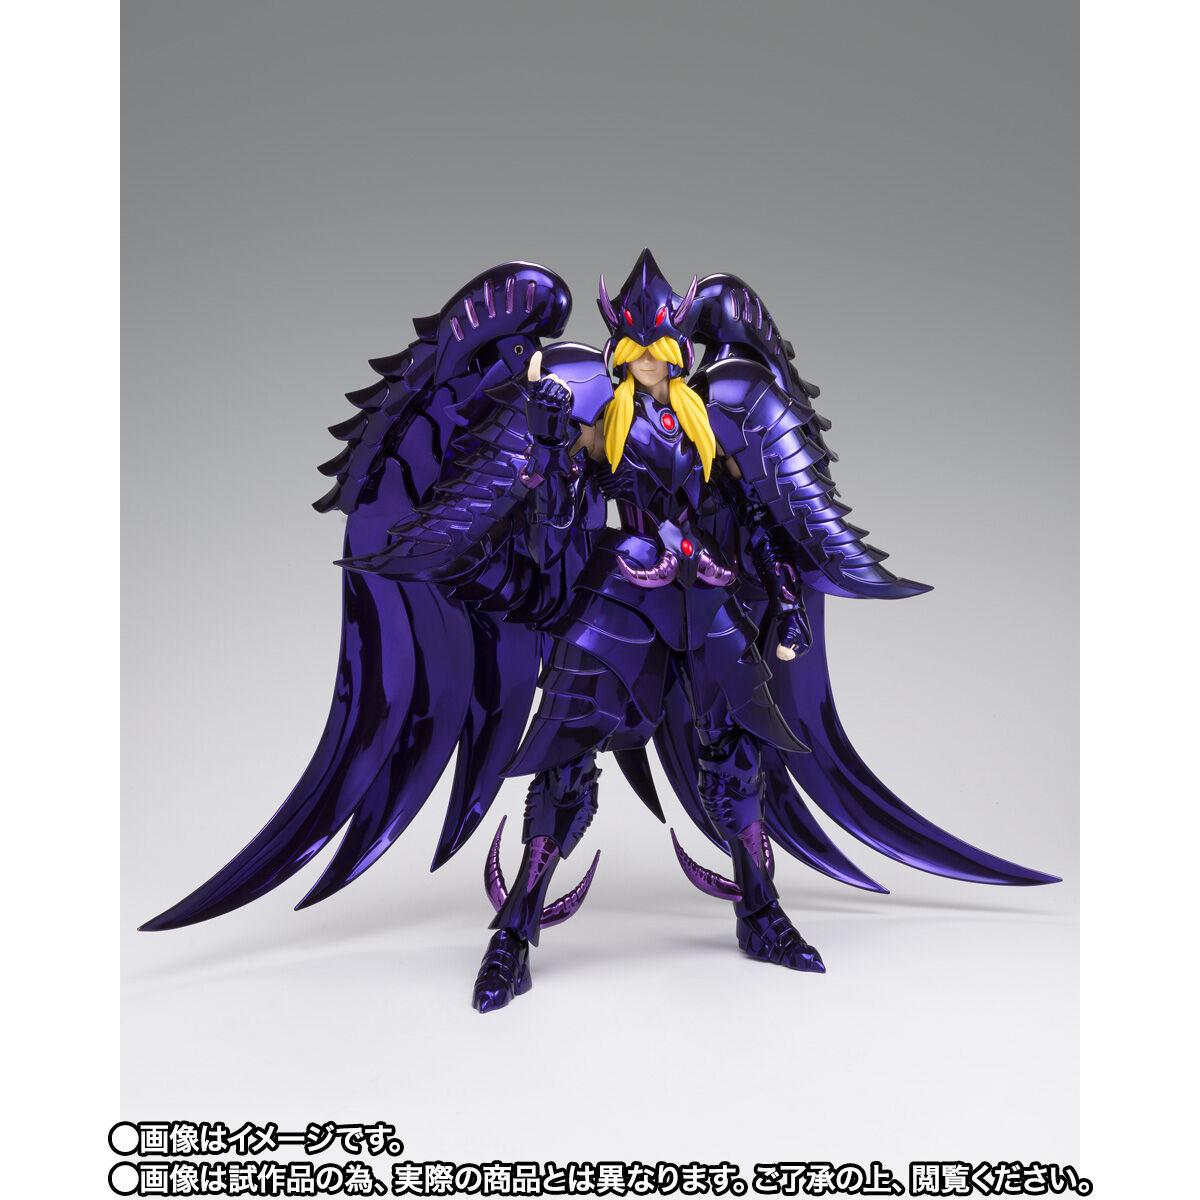 【限定販売】聖闘士聖衣神話EX『グリフォンミーノス ~ORIGINAL COLOR EDITION~』可動フィギュア-003